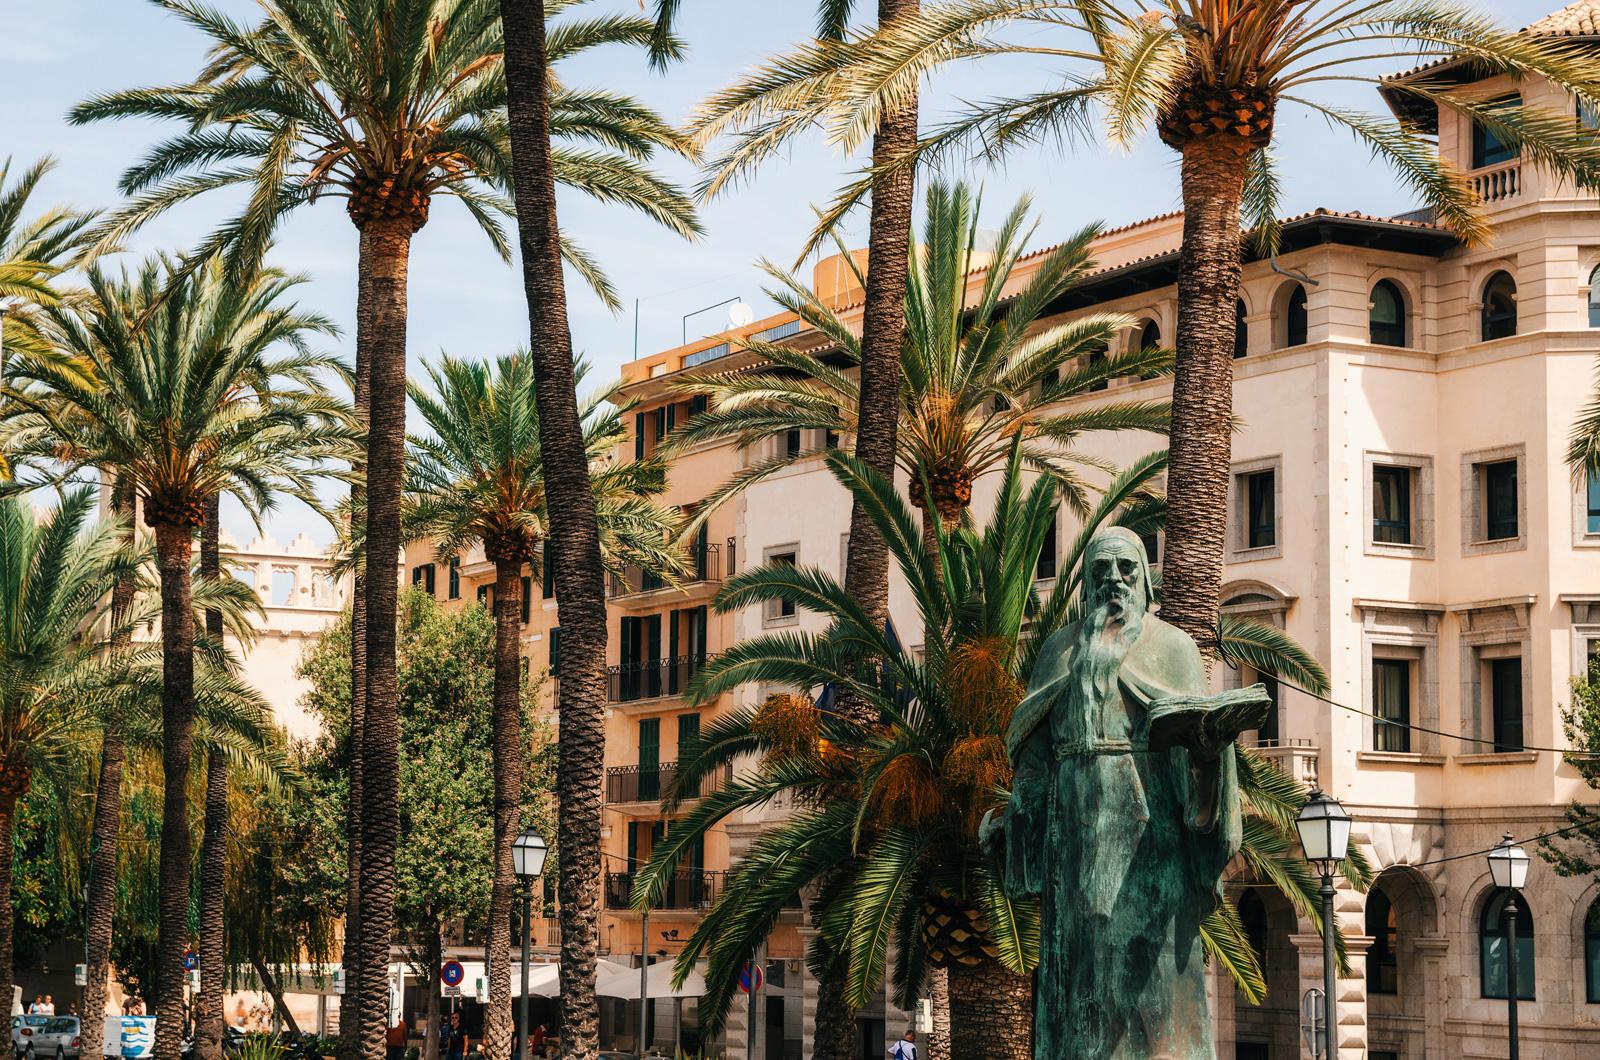 Памятник философу Раймону Луллию, который жил в Пальме-де-Майорка